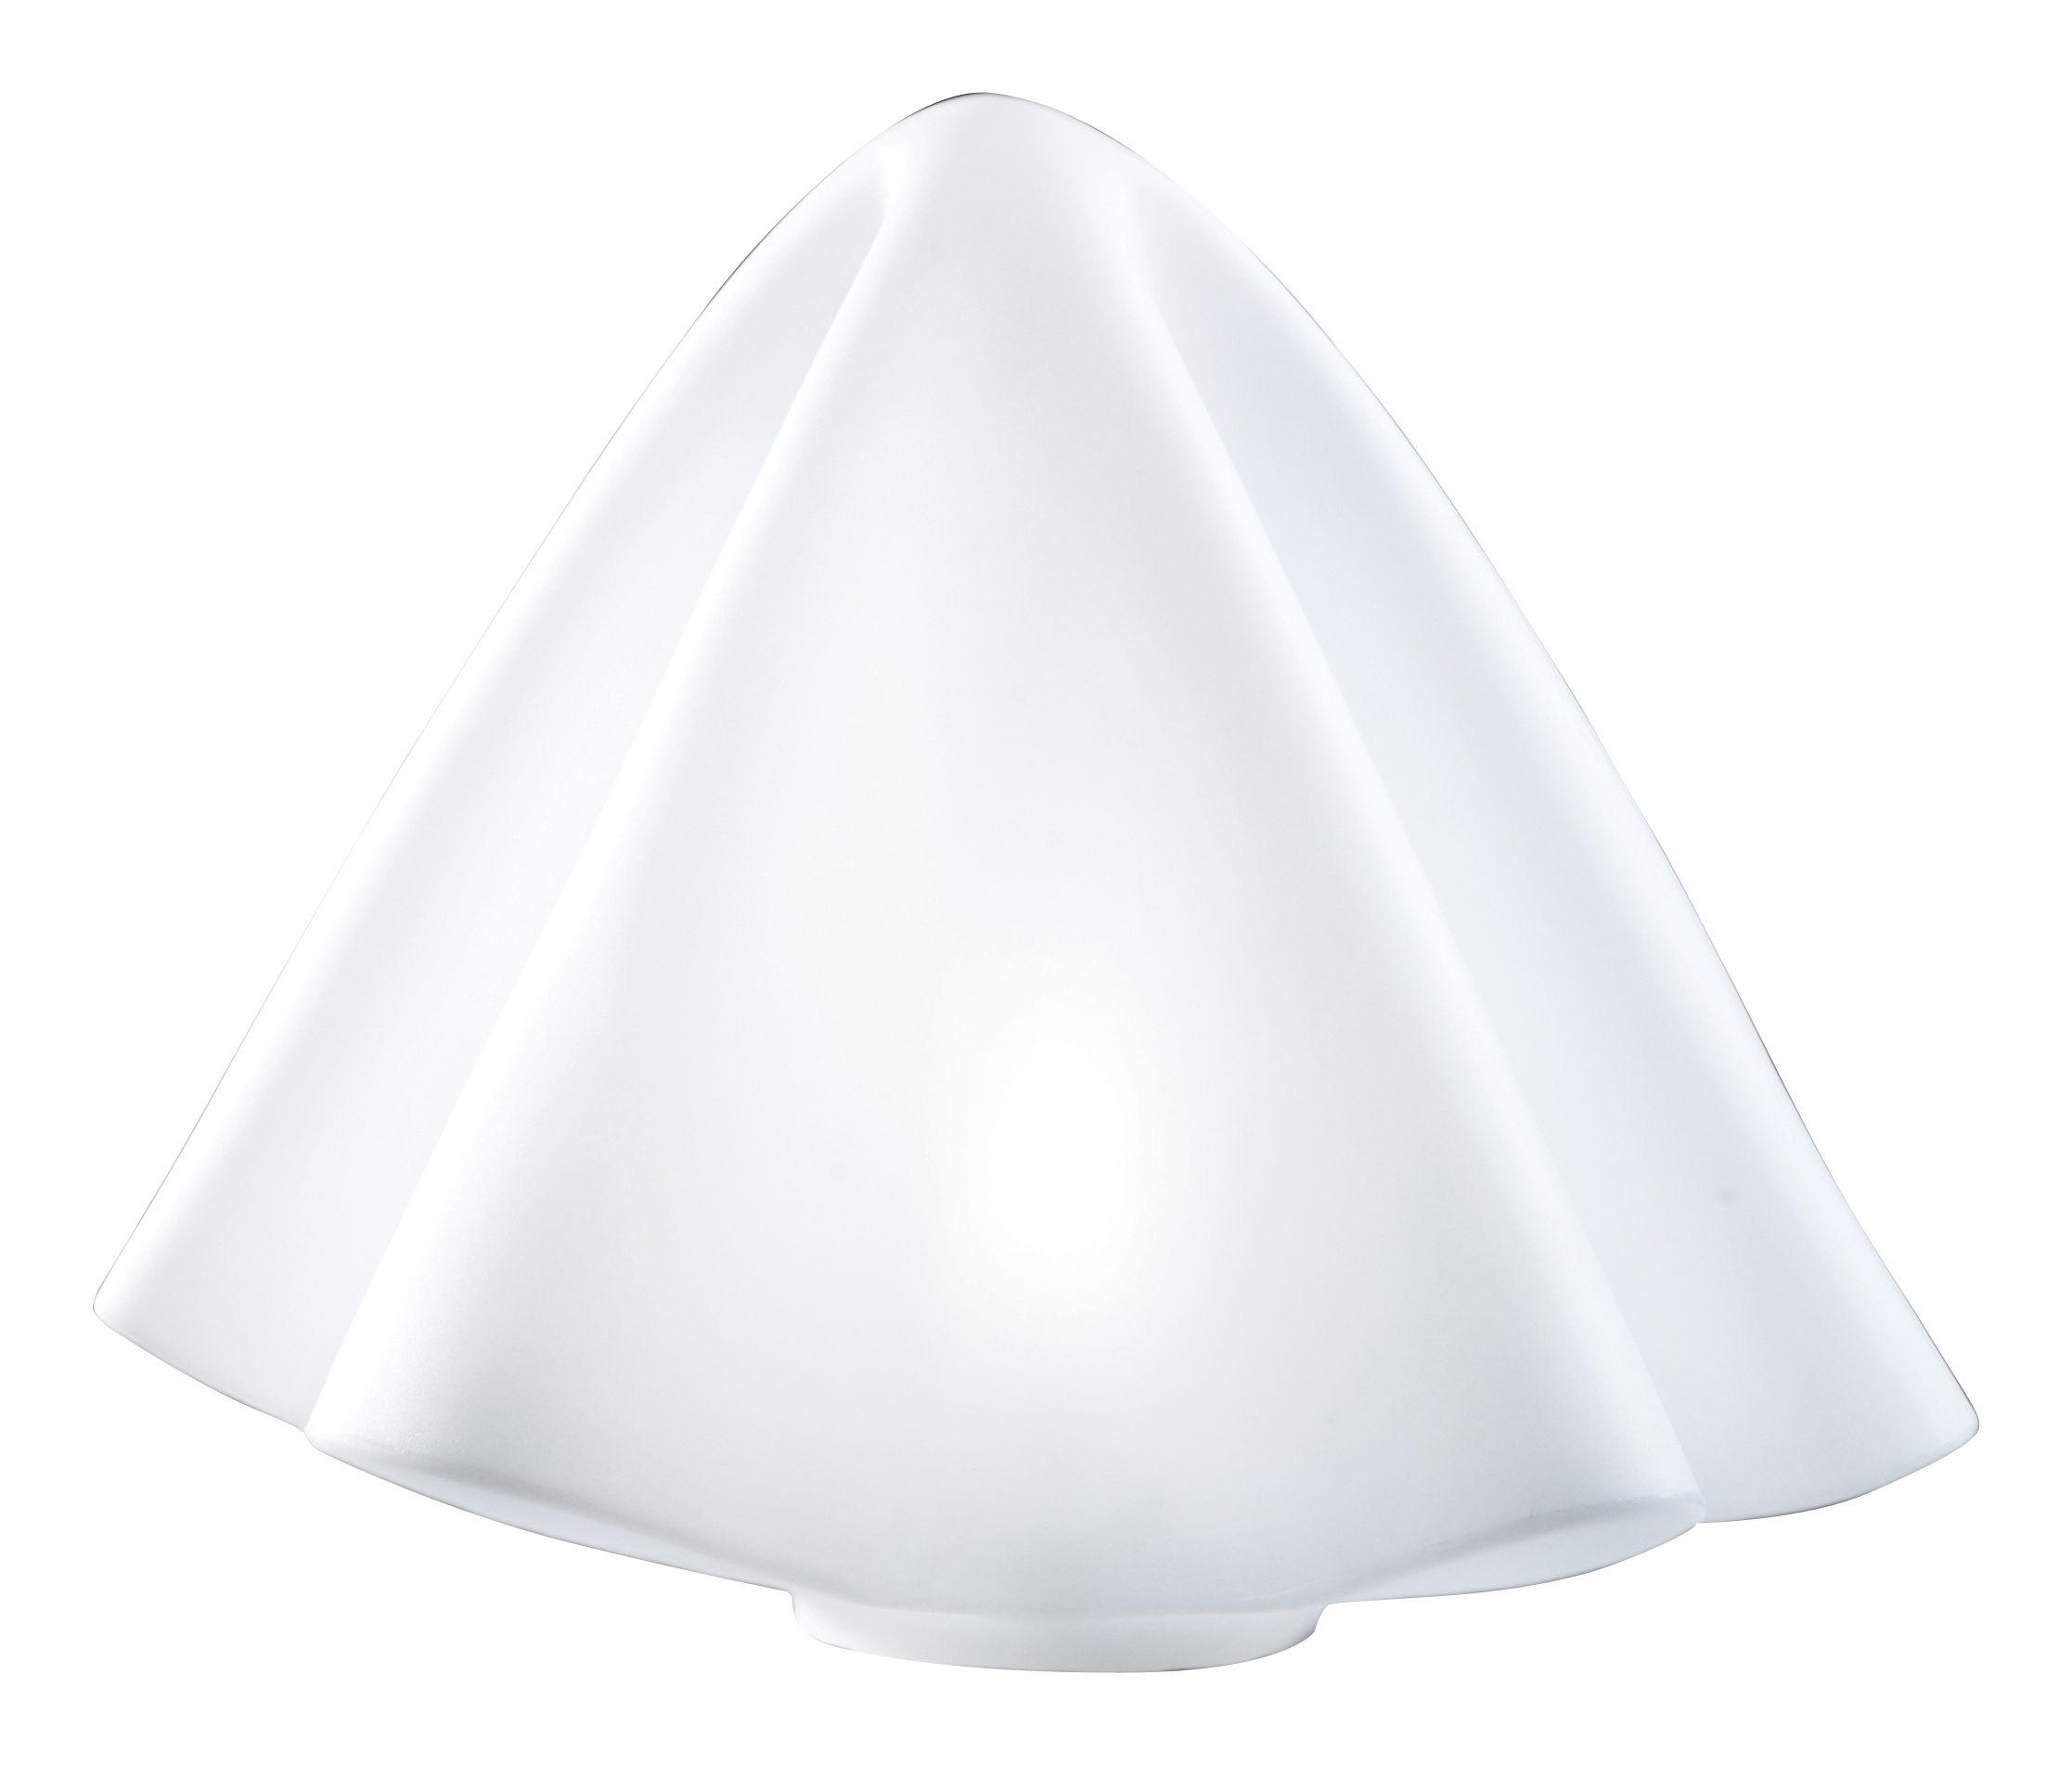 Leuchten - Tischleuchten - Manteau Bodenleuchte H 45 cm / Tischlampe - Slide - Weiß - polyéthène recyclable